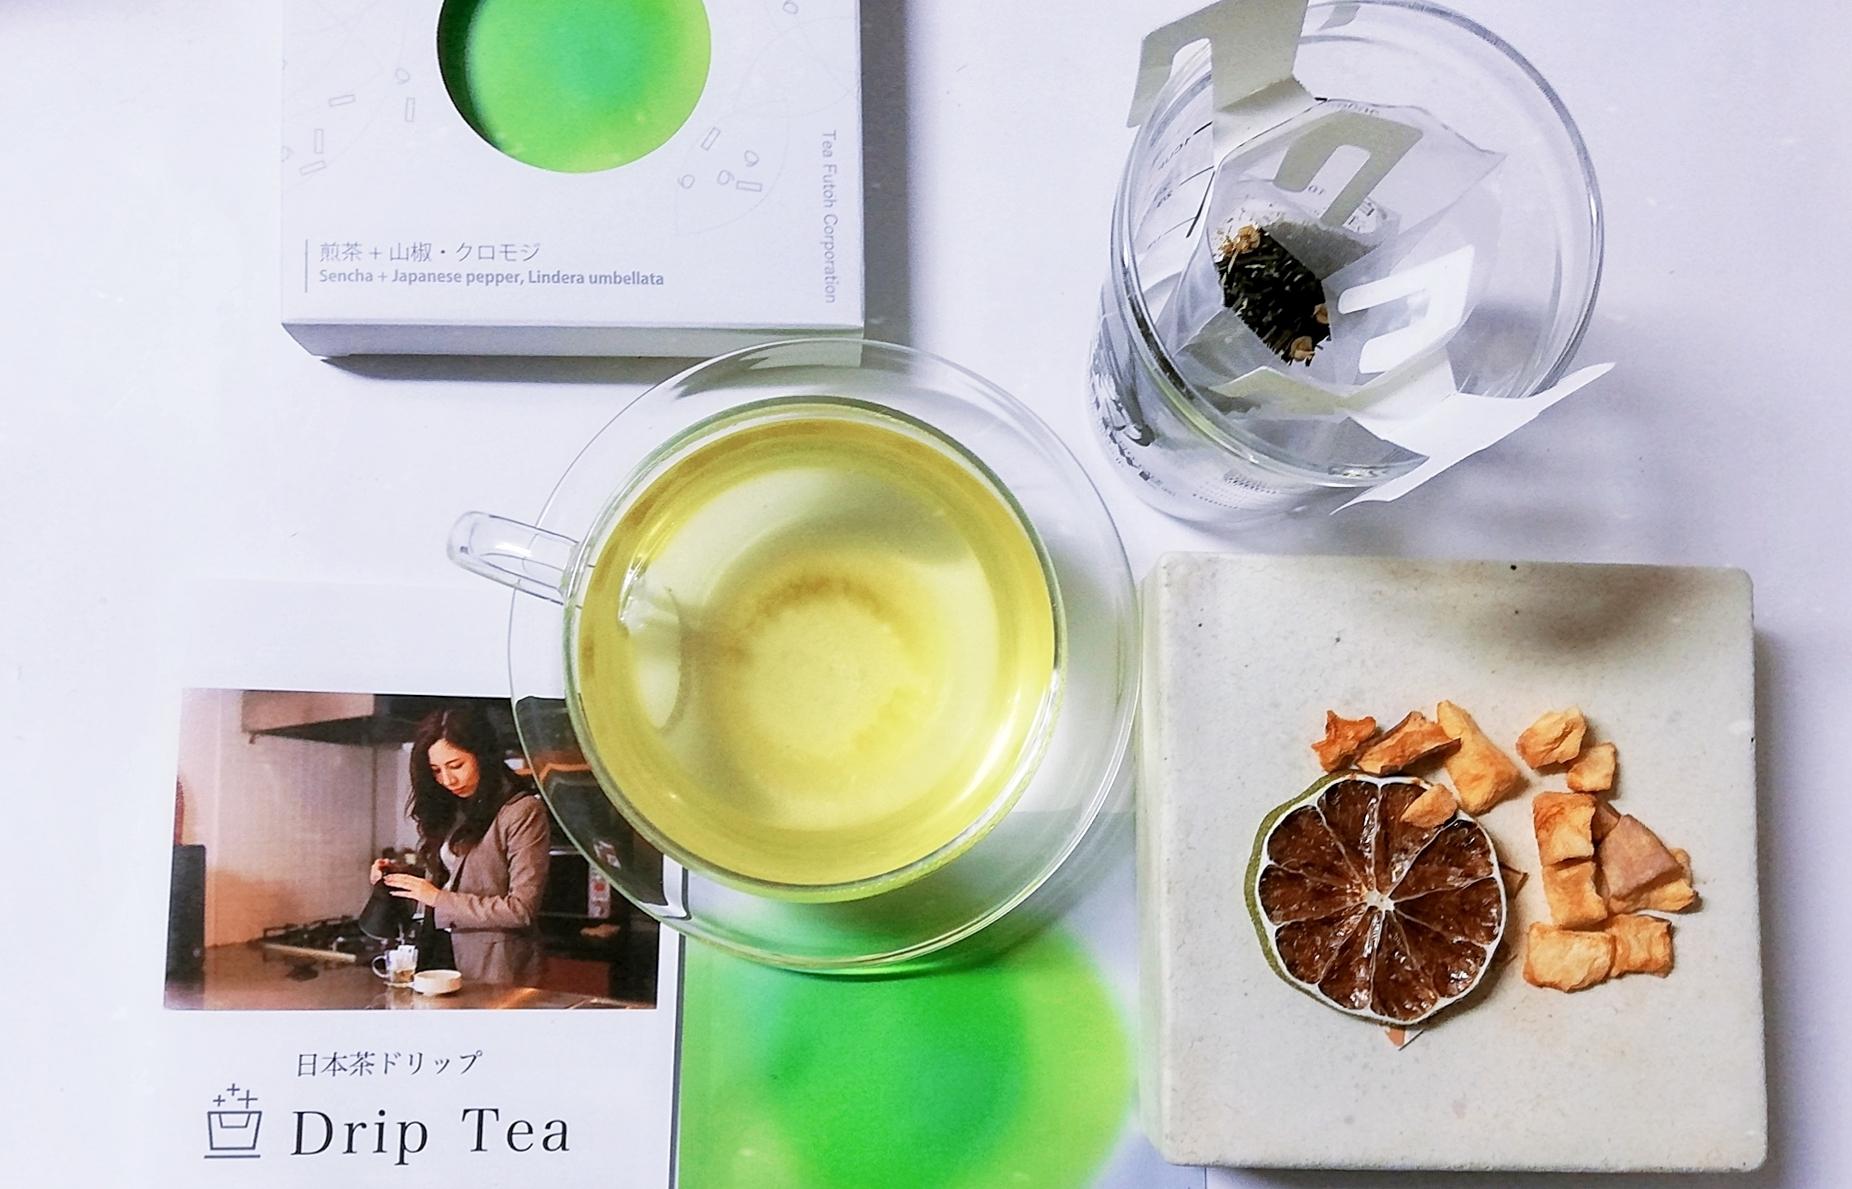 自宅で簡単に美味しいプレミアム日本茶を!!新登場ドリップバッグ日本茶【日本茶ドリップ Drip Tea(ティーフート)】を試してみました